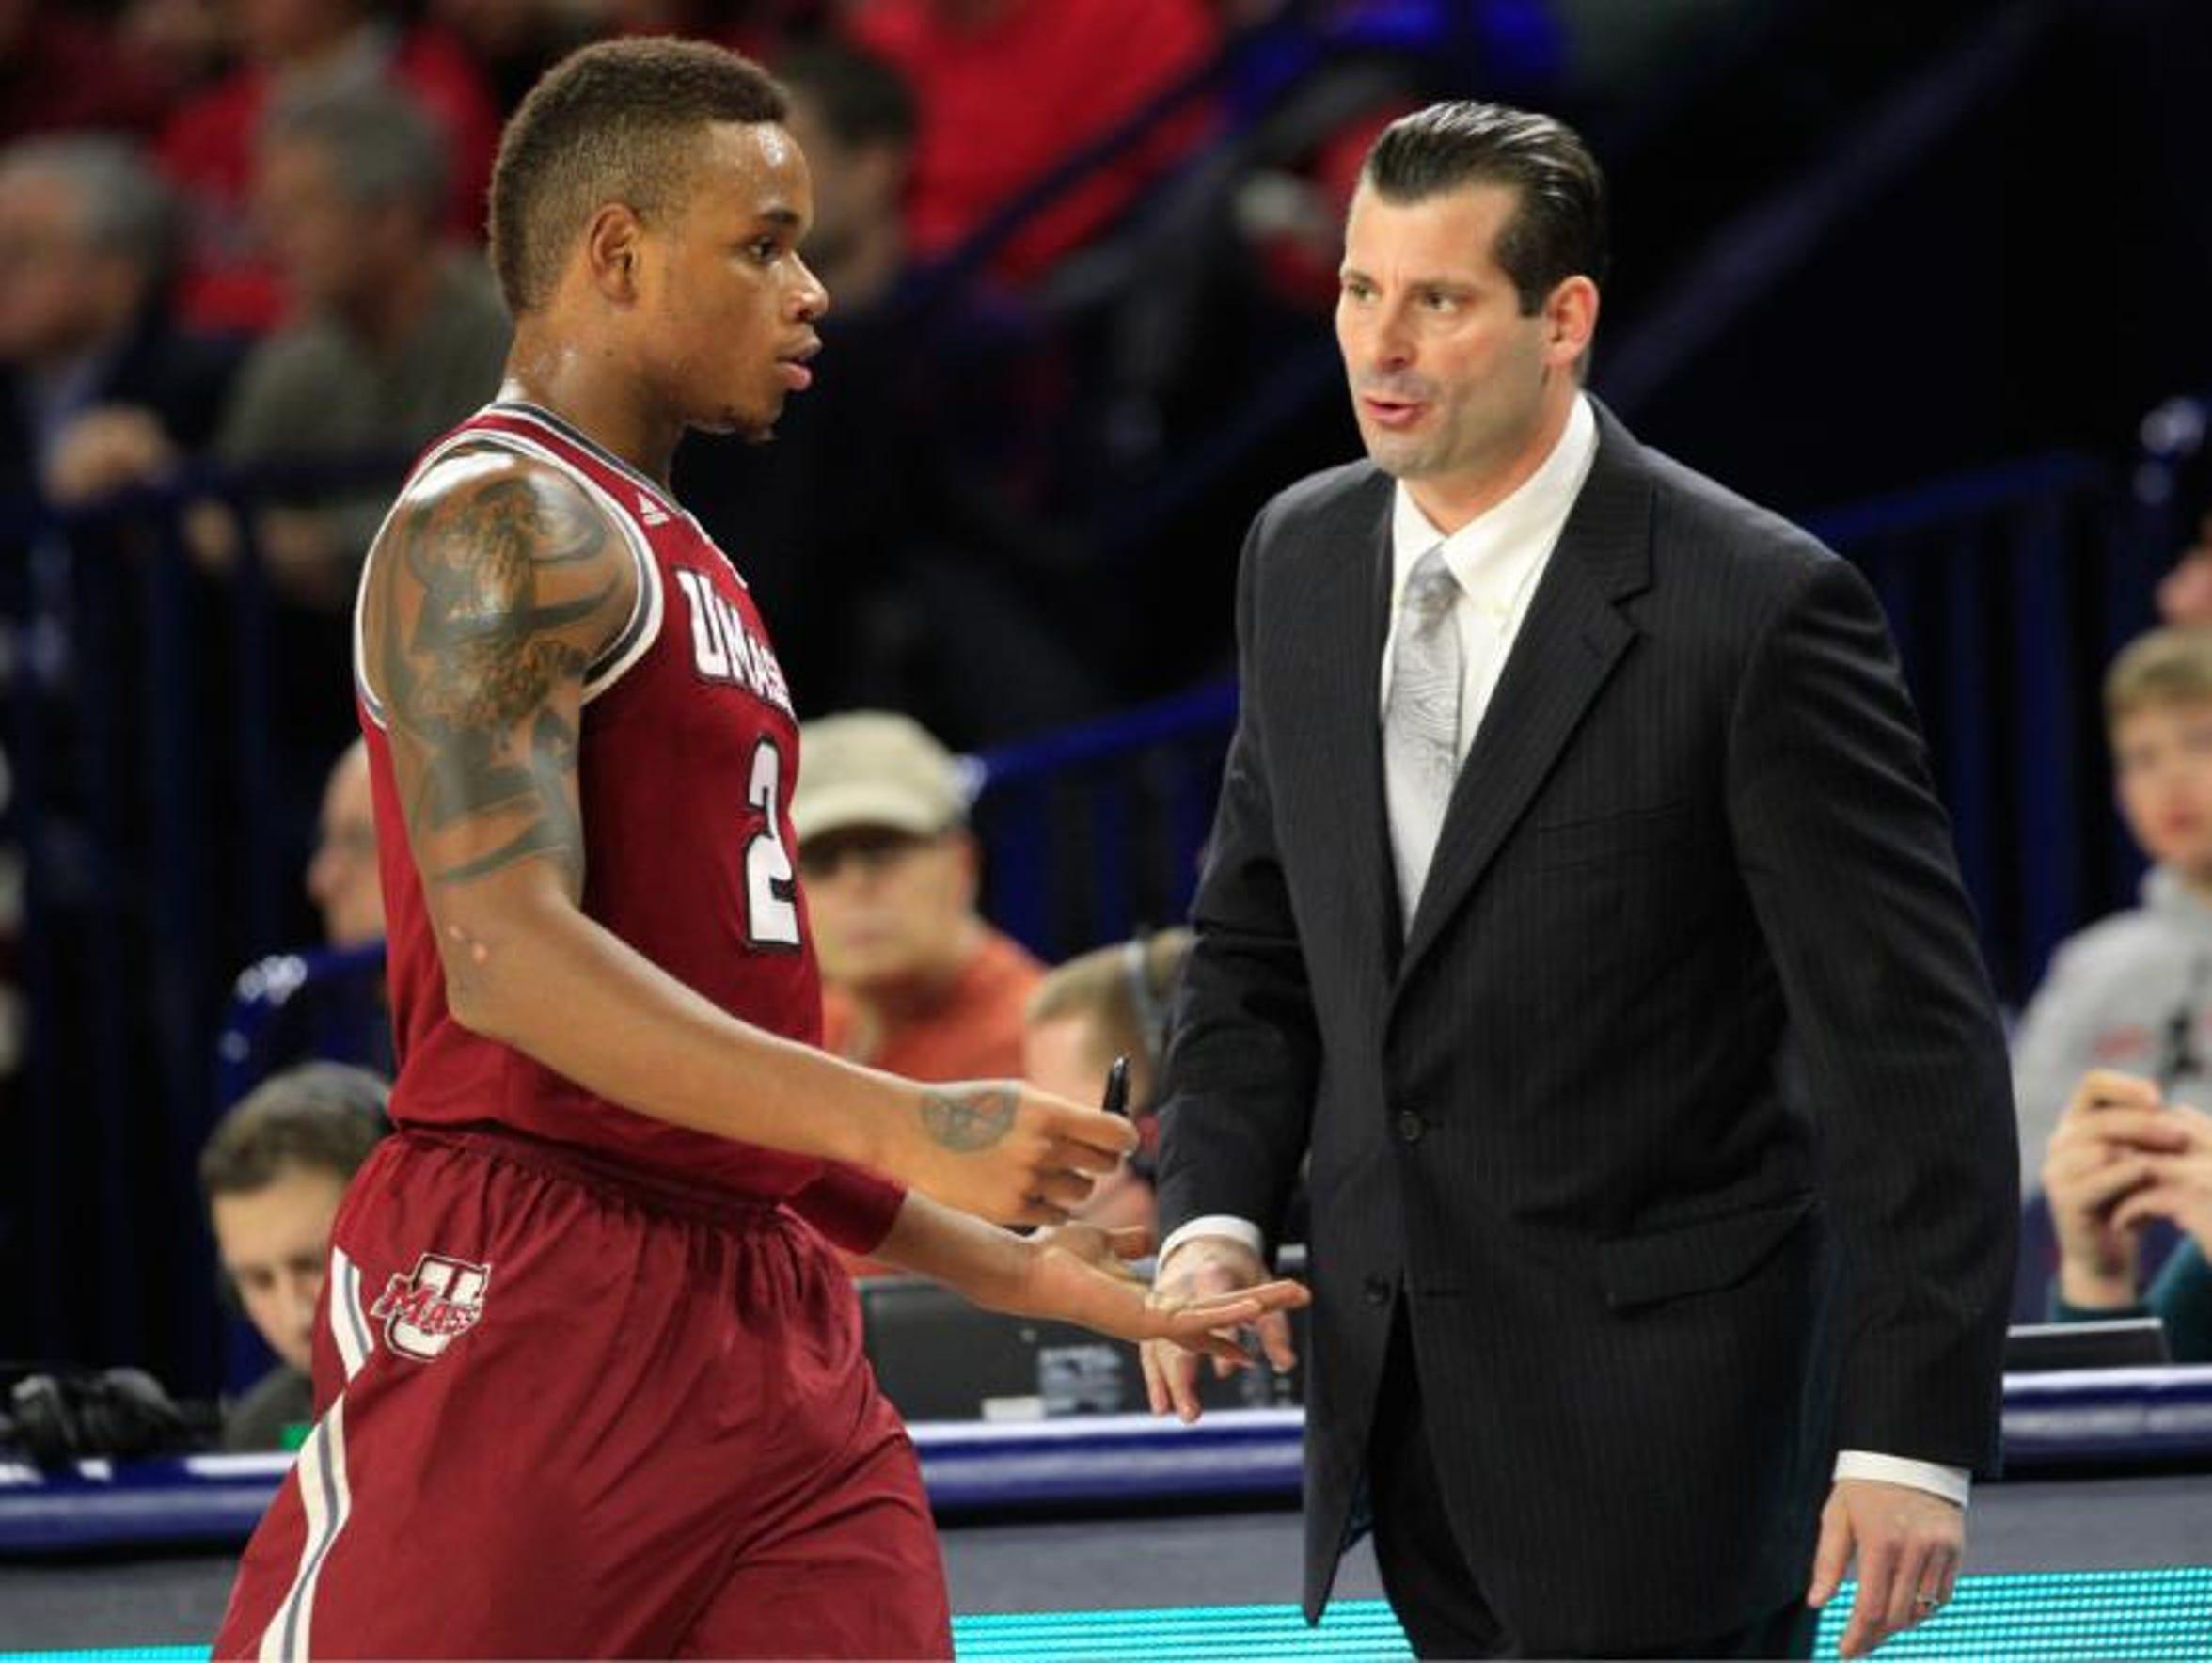 UMass coach Derek Kellogg, right, helped Derrick Gordon